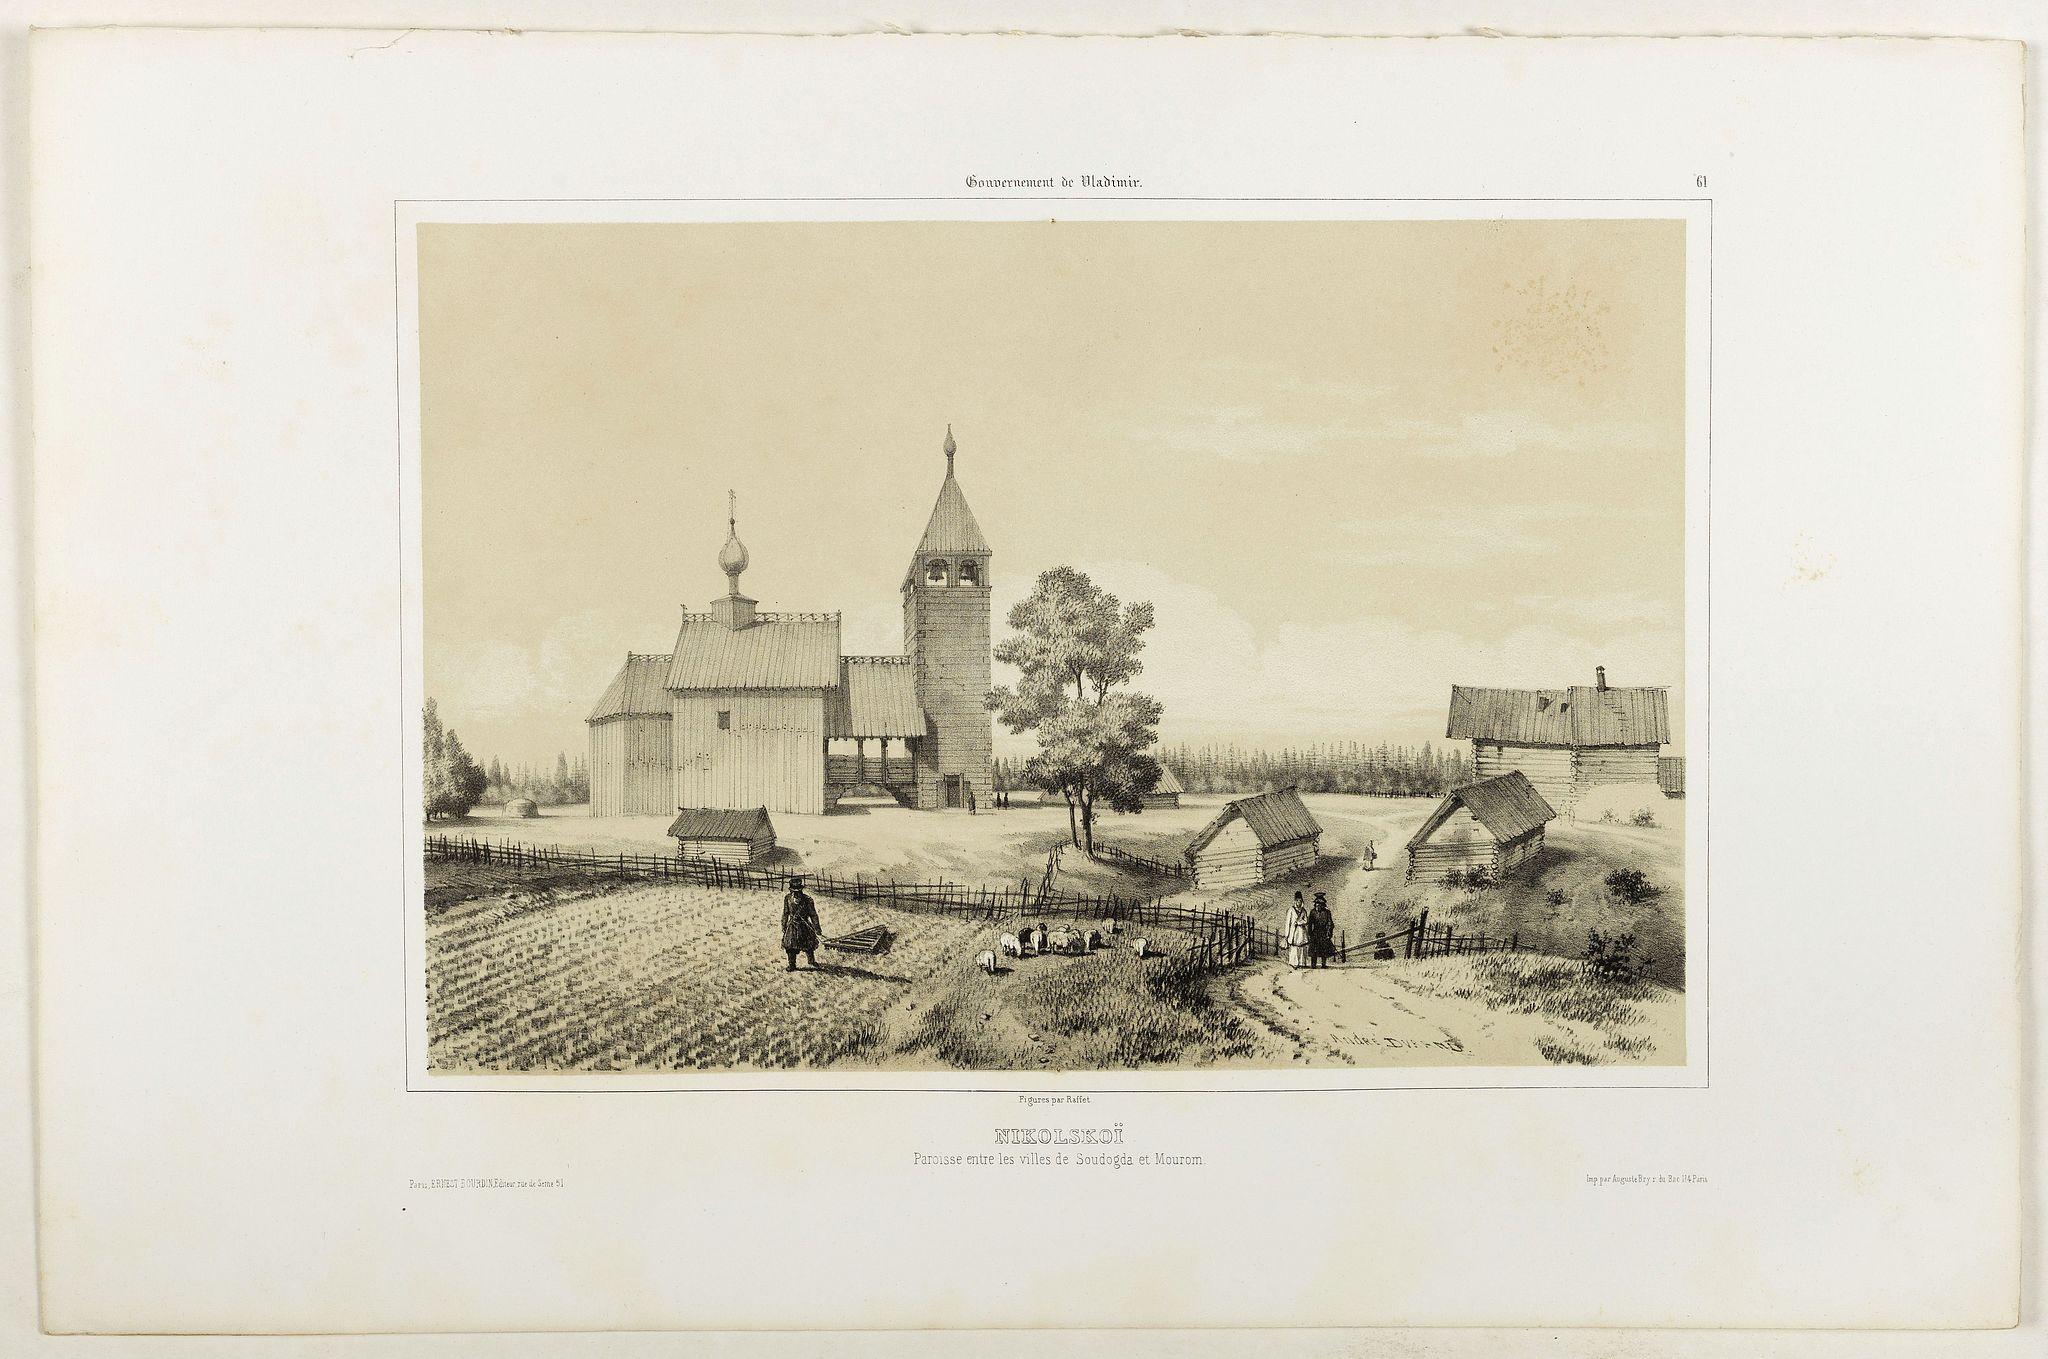 GIBAUT FRERES  / DURAND, A.. -  Nikolskoï paroisse entre les villes de Soudogda et Mouroum.